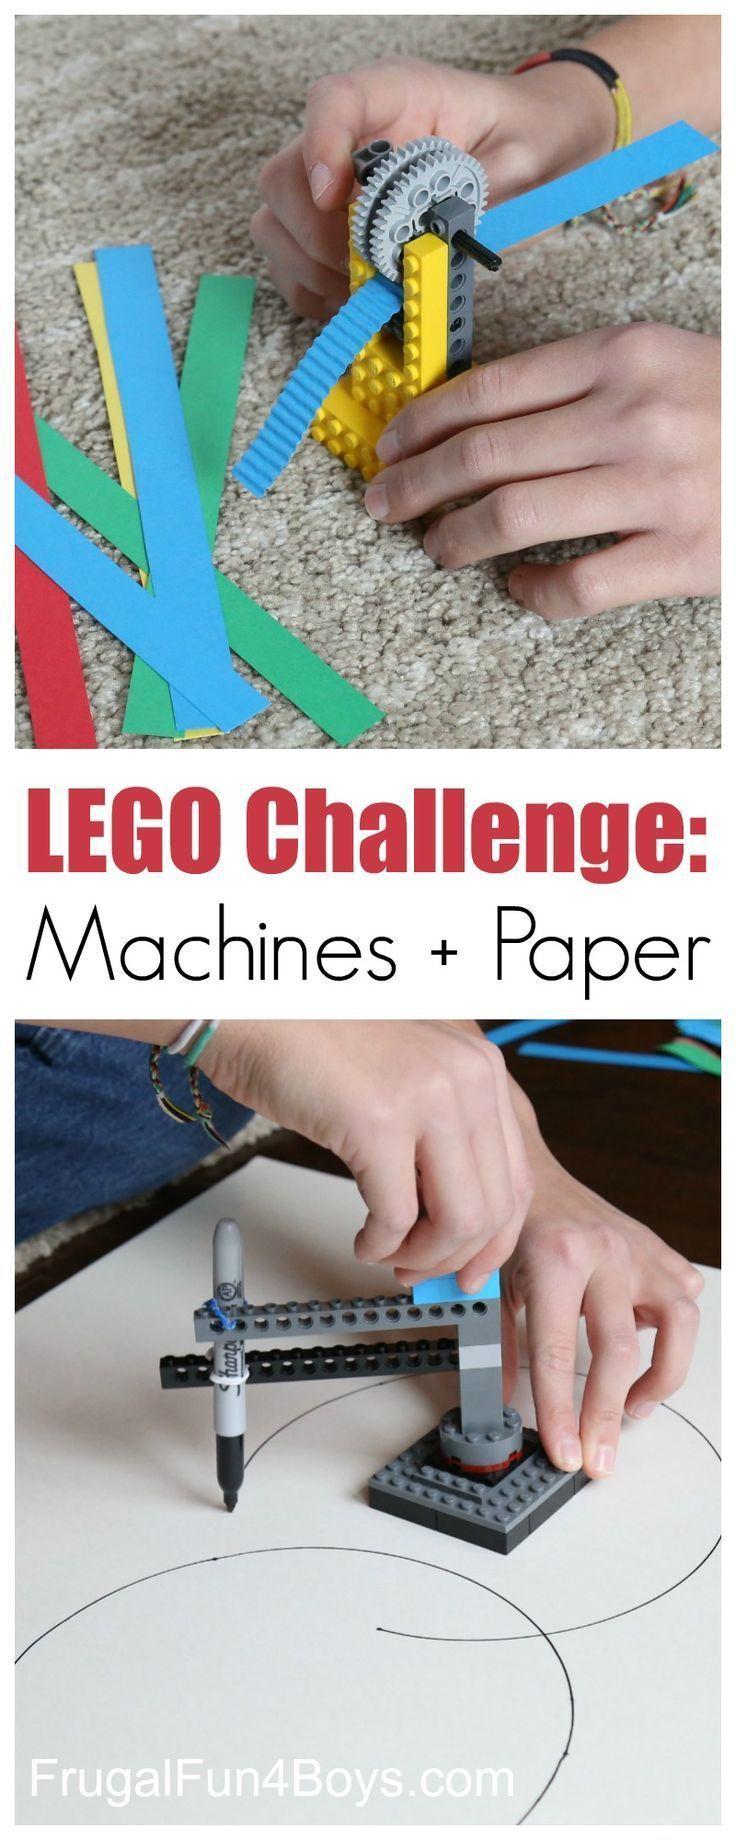 LEGO Challenge: Maschinen + Papier! Machen Sie eine Papiercrimper und eine Kreis…Karin